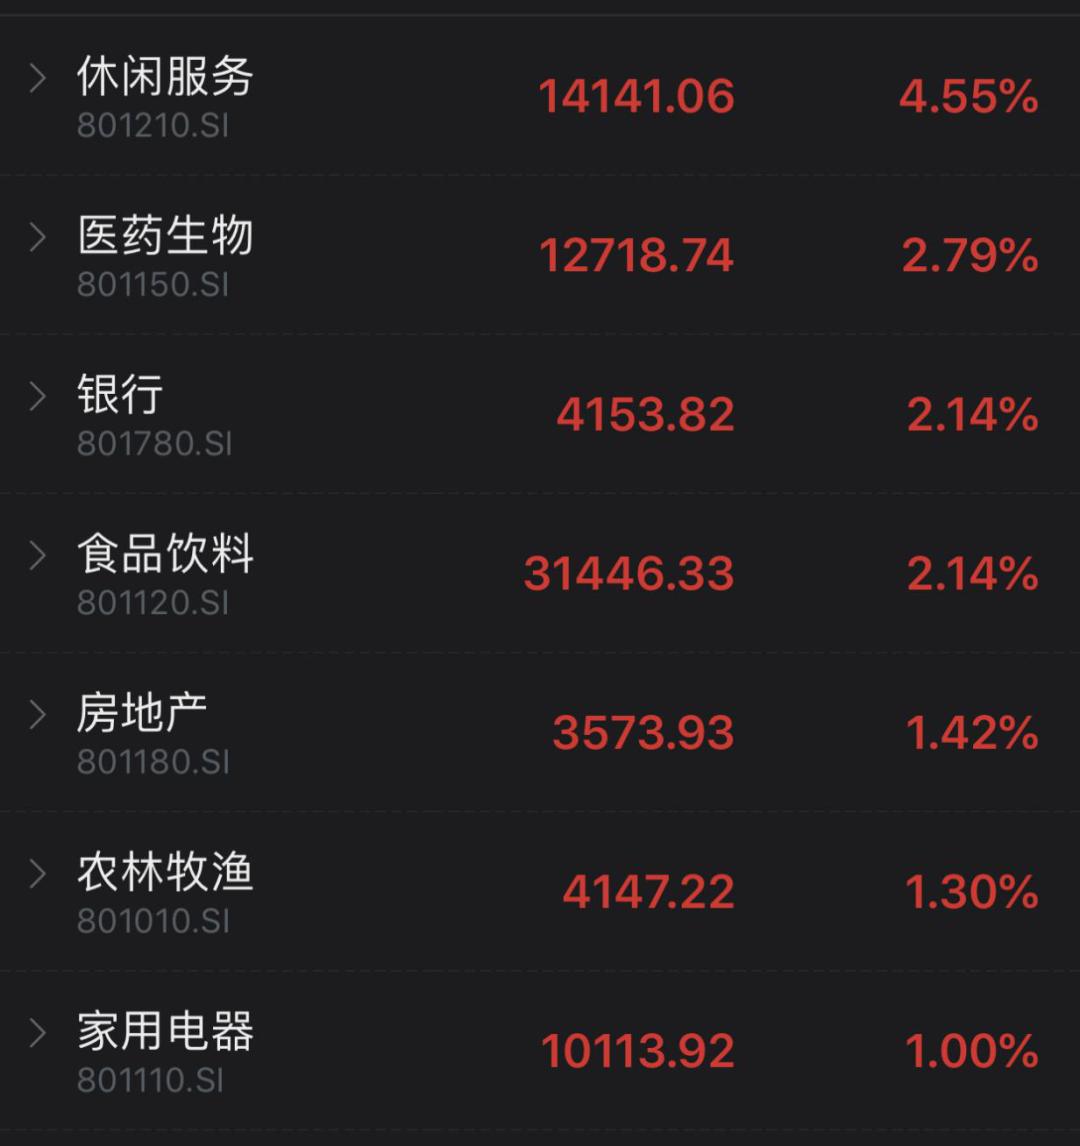 茅台市值接近3万亿:核心资产又牛了 要持股过节?